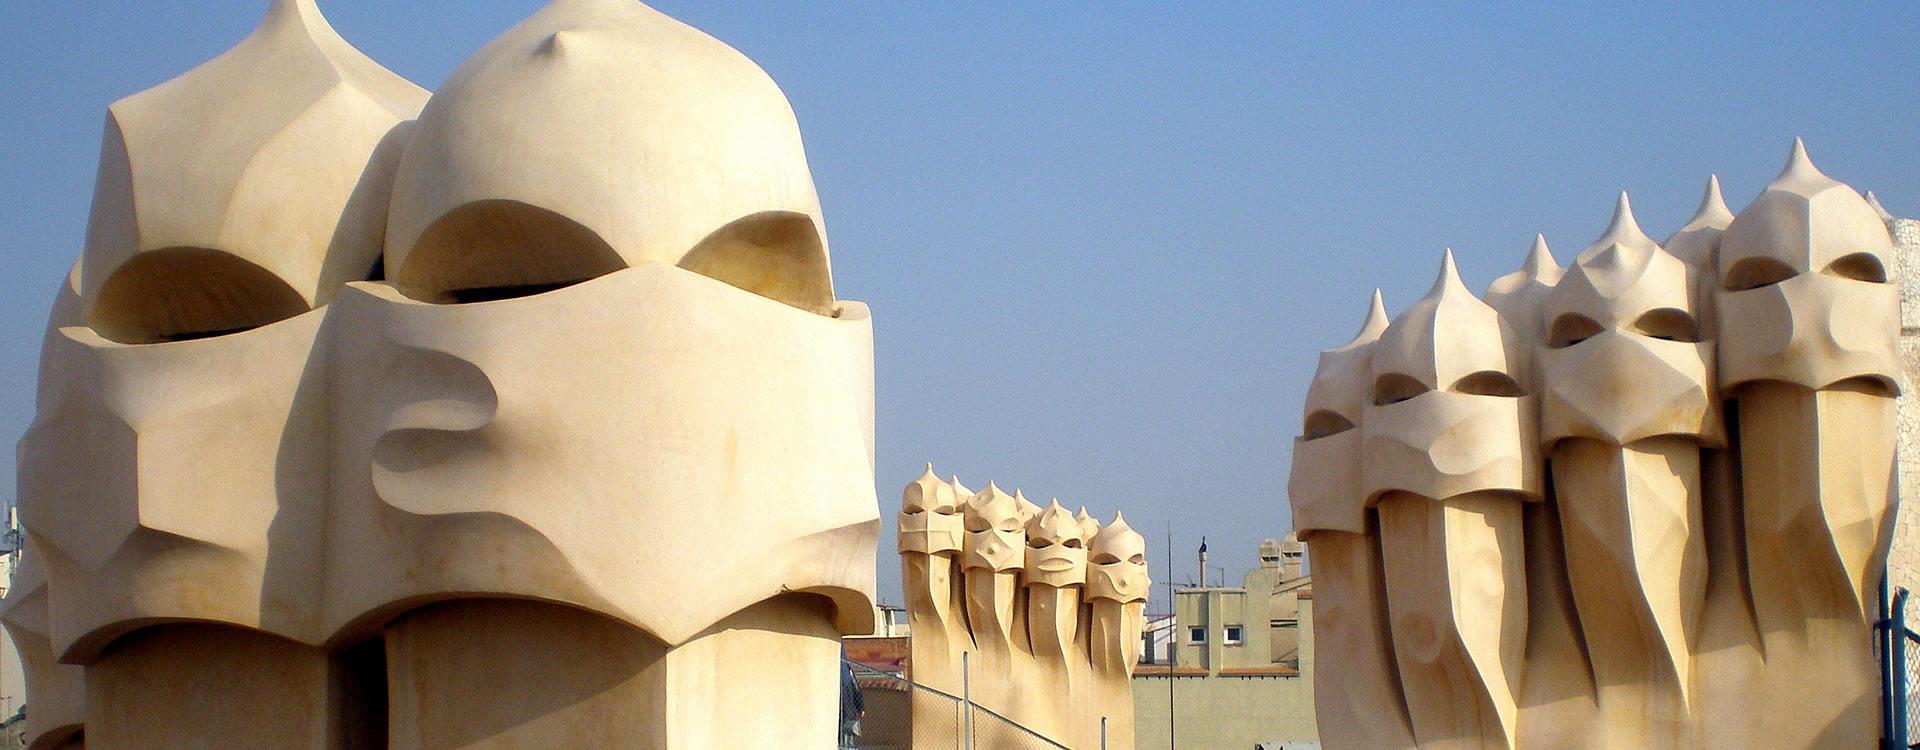 Casa-Mila-Gaudi